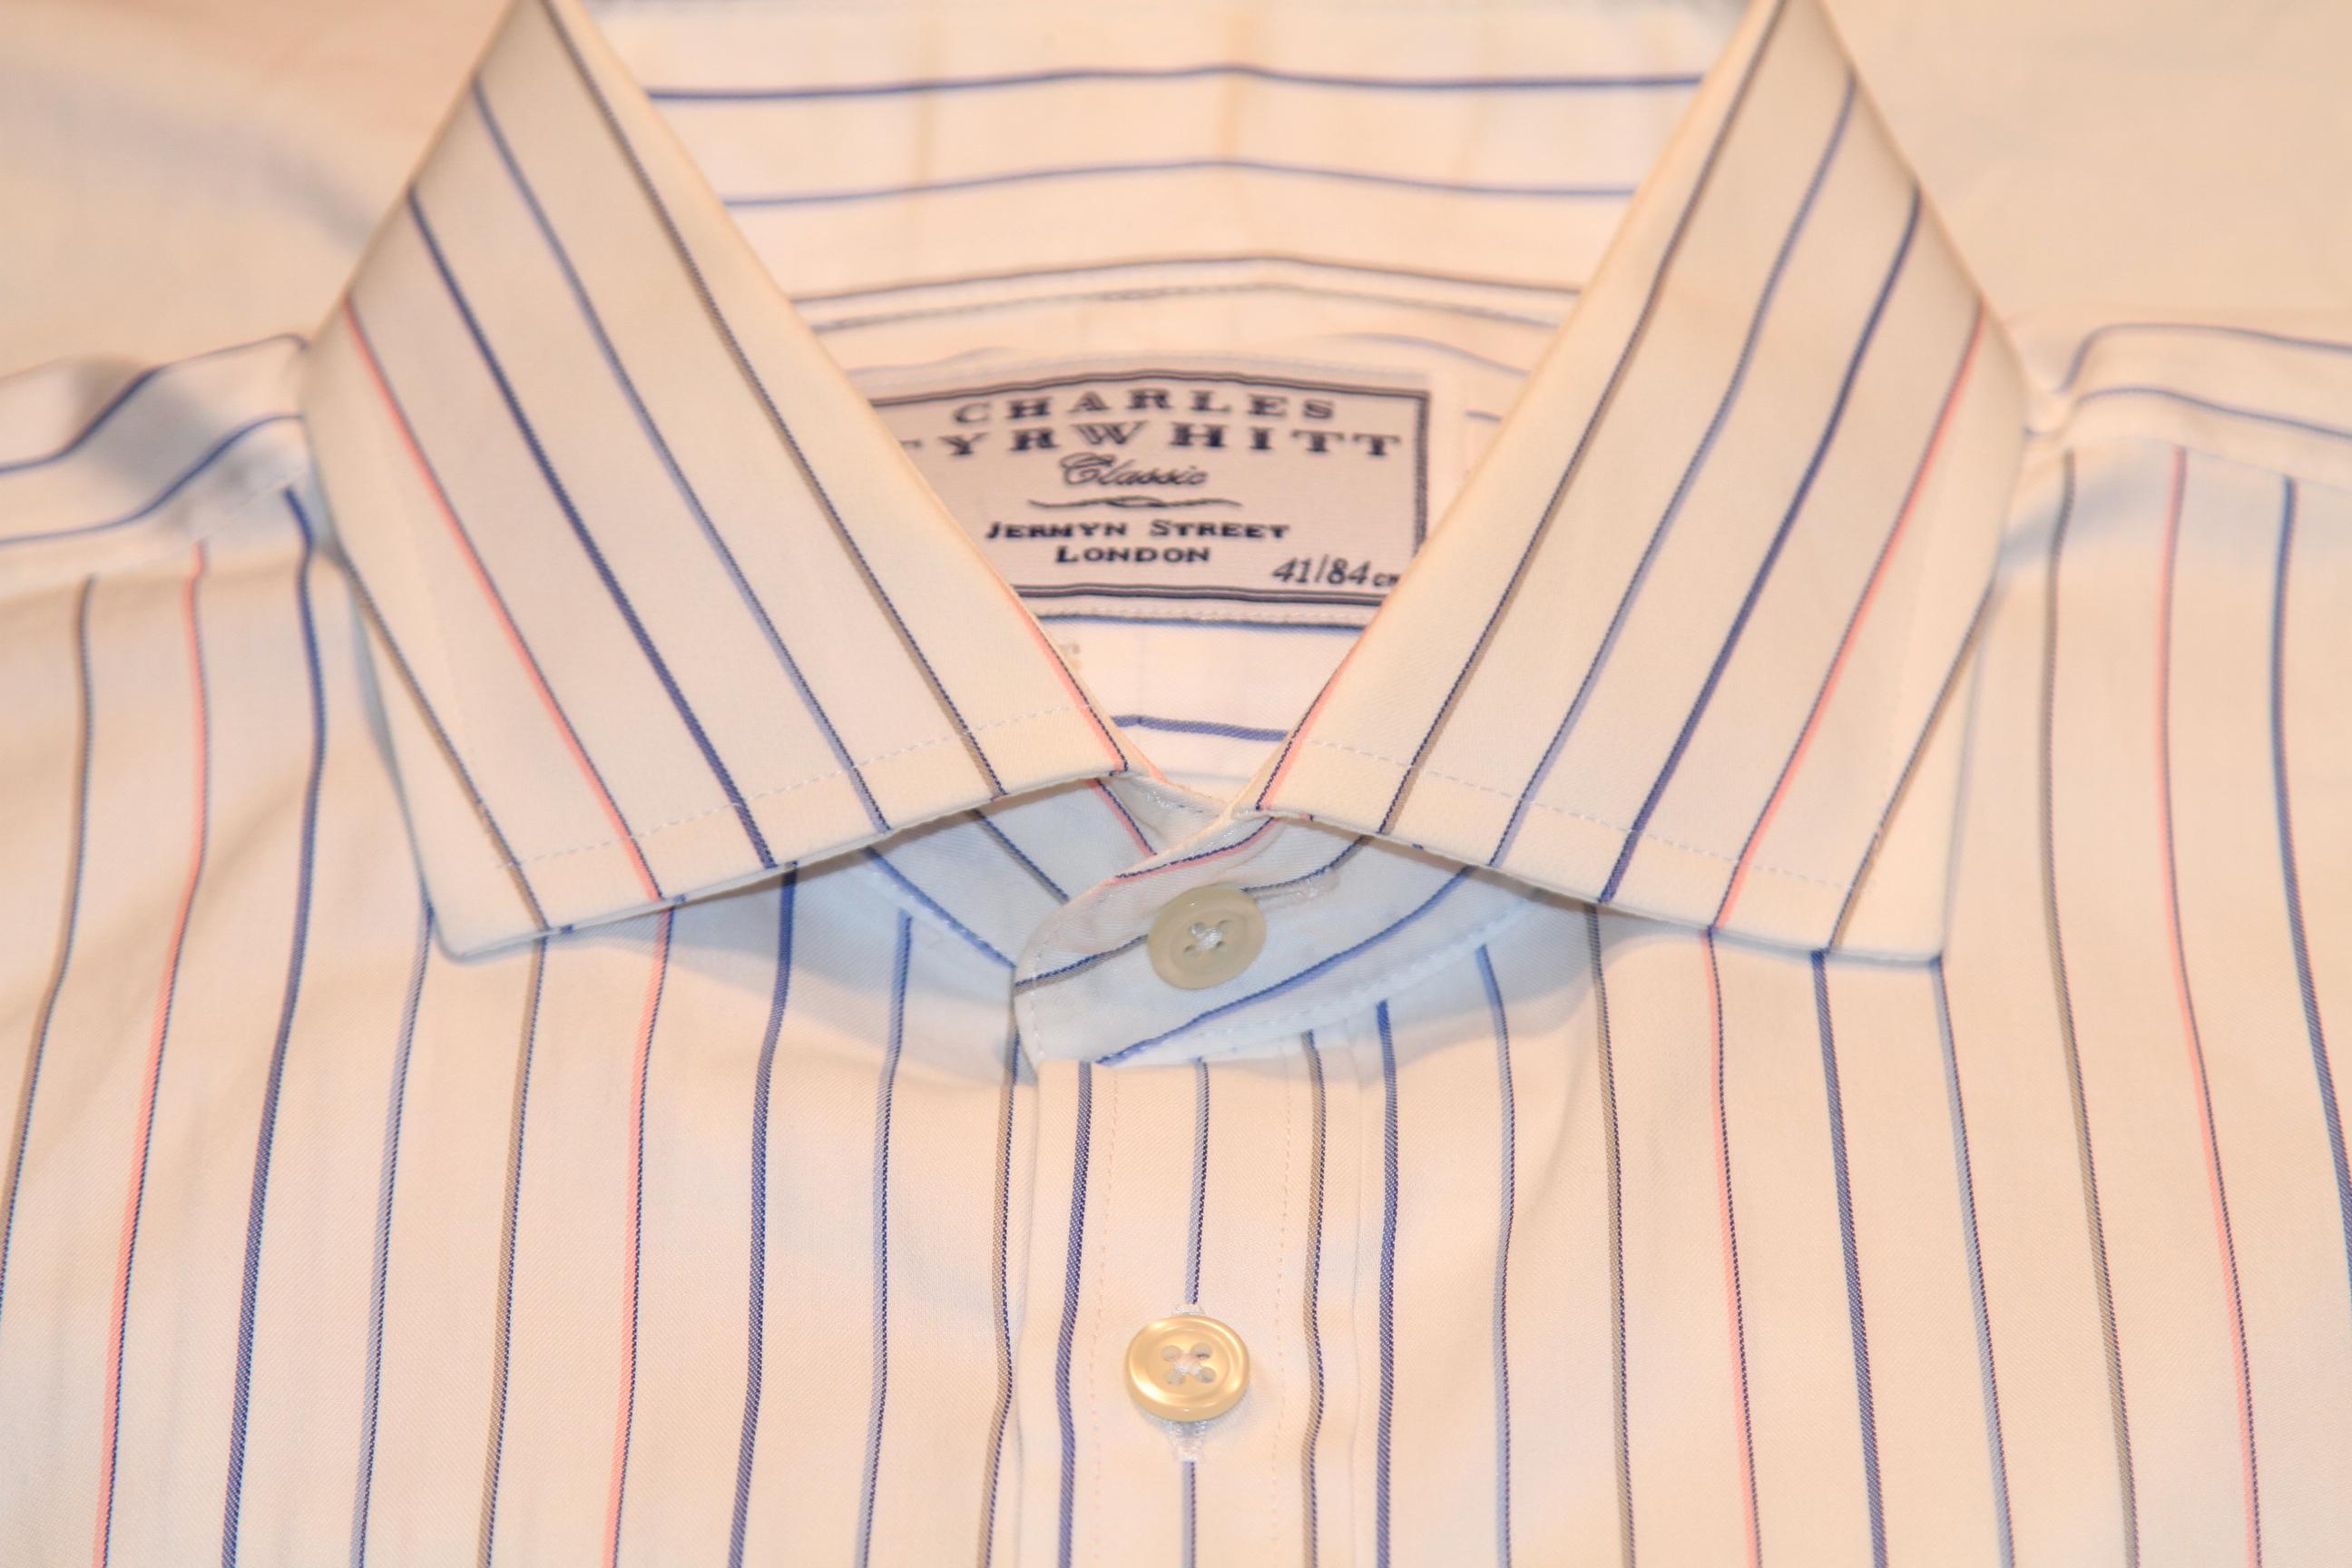 #23 - Charles Tyrwhitt 16/33 White Multi-colored stripe